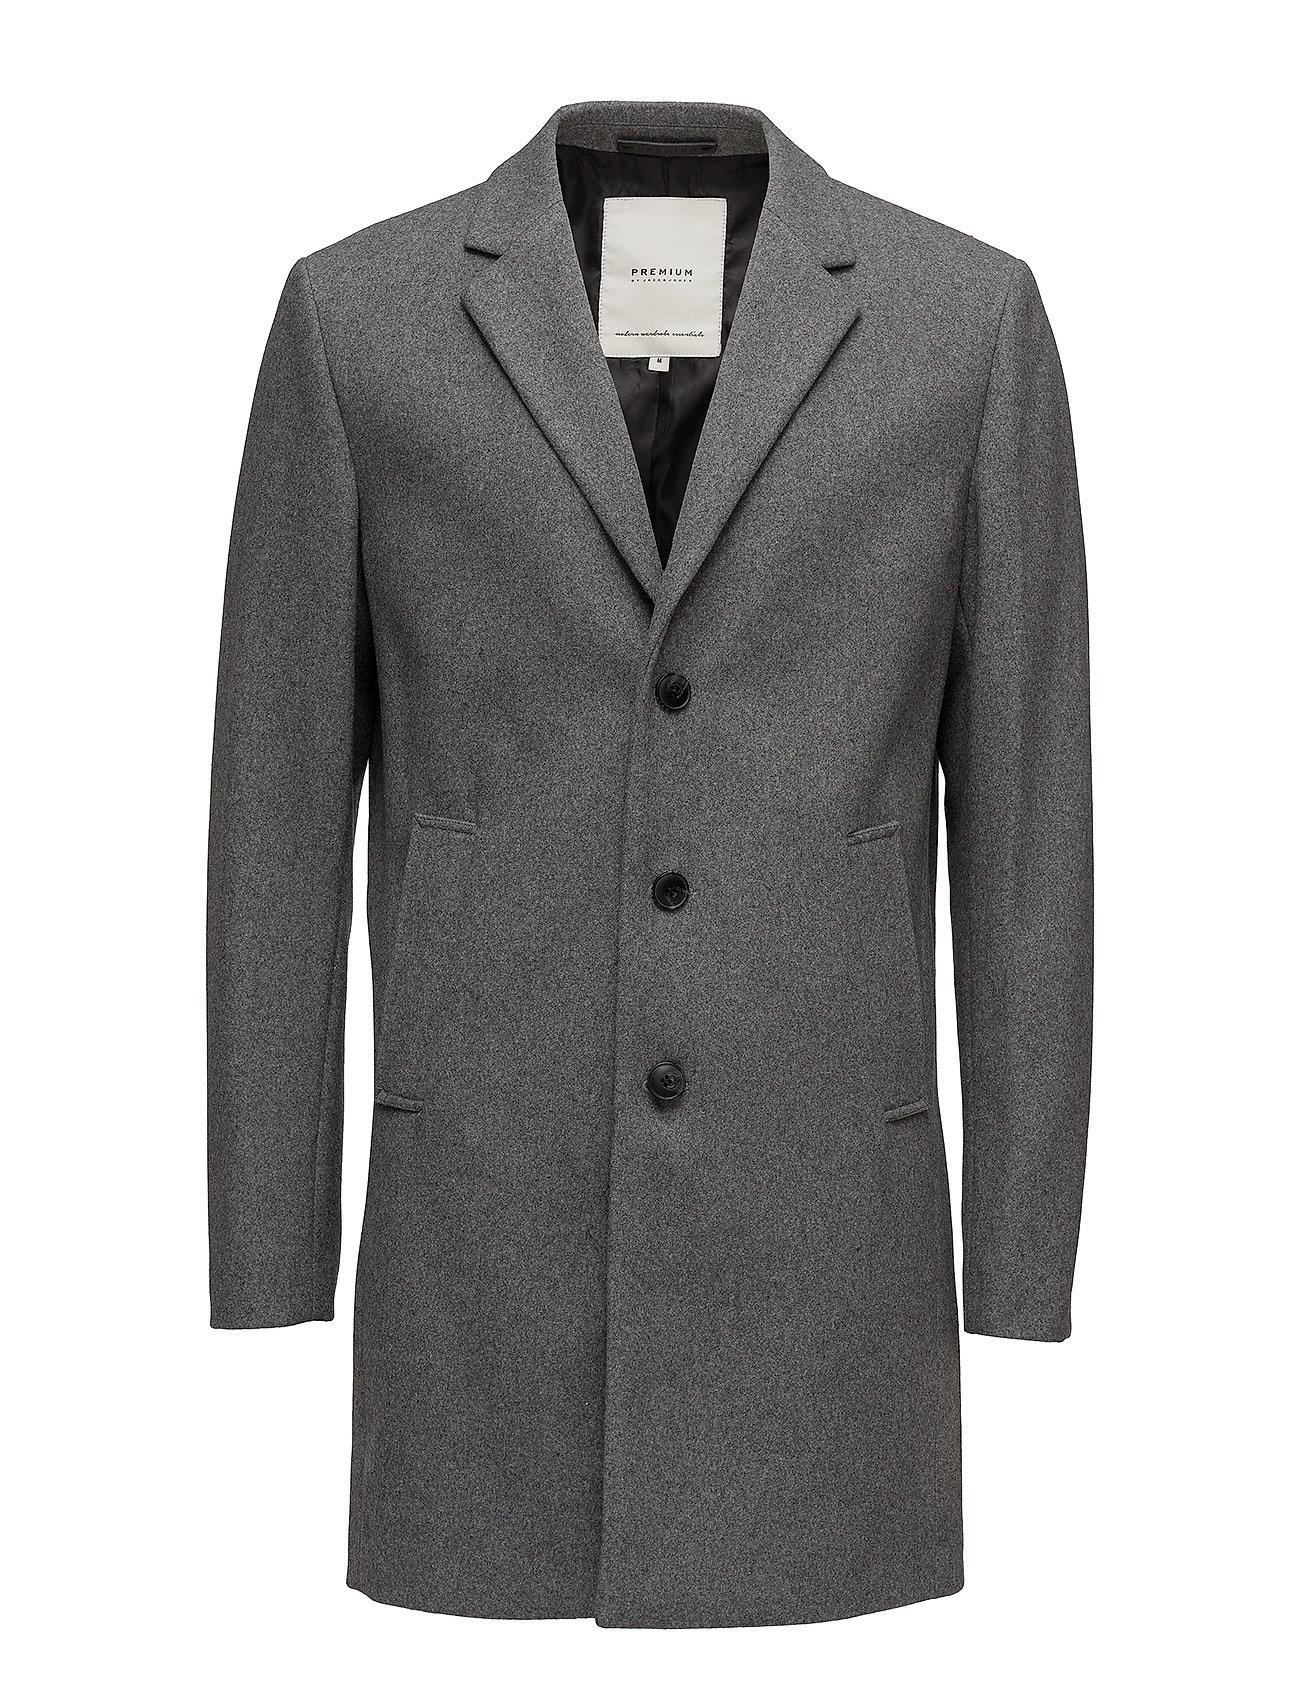 jack & jones premium Jprmartin wool jacket på boozt.com dk